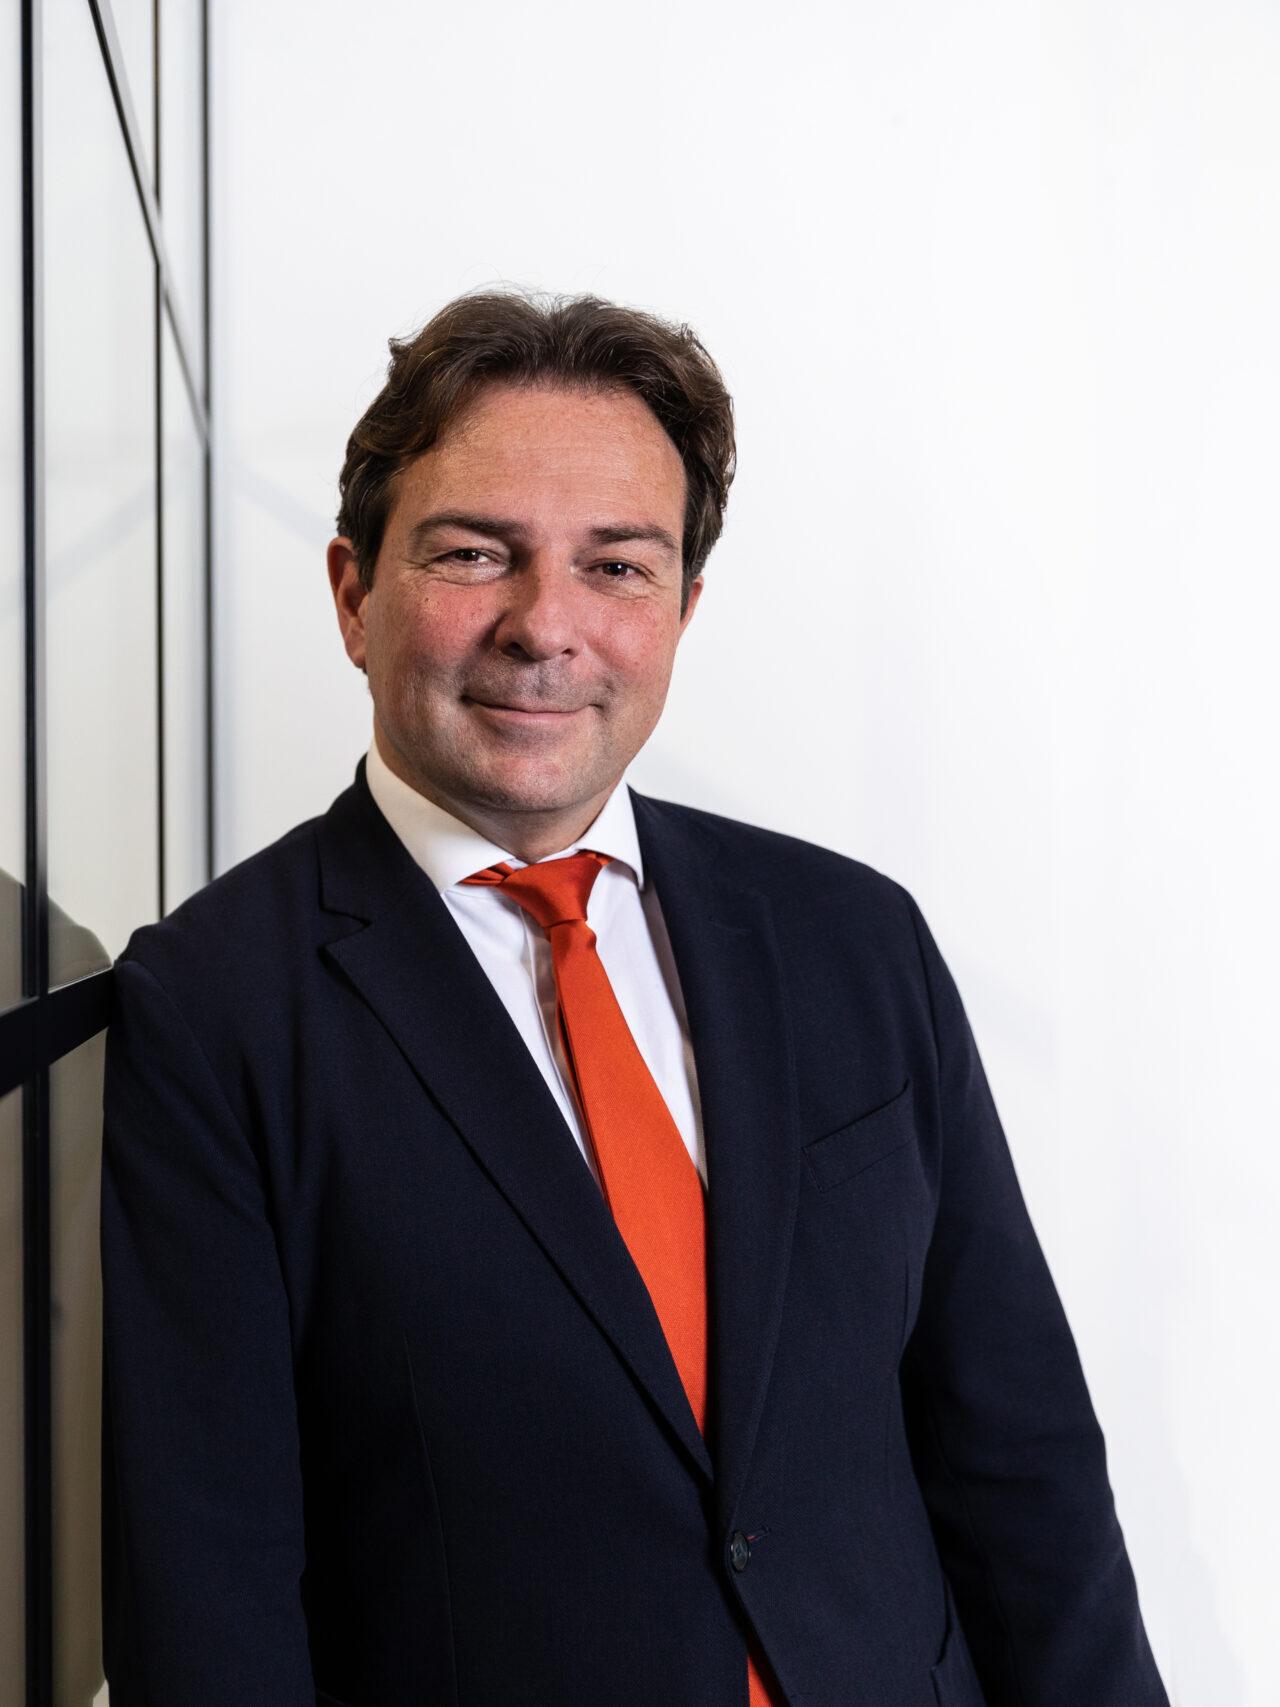 Bernd van Bekkum